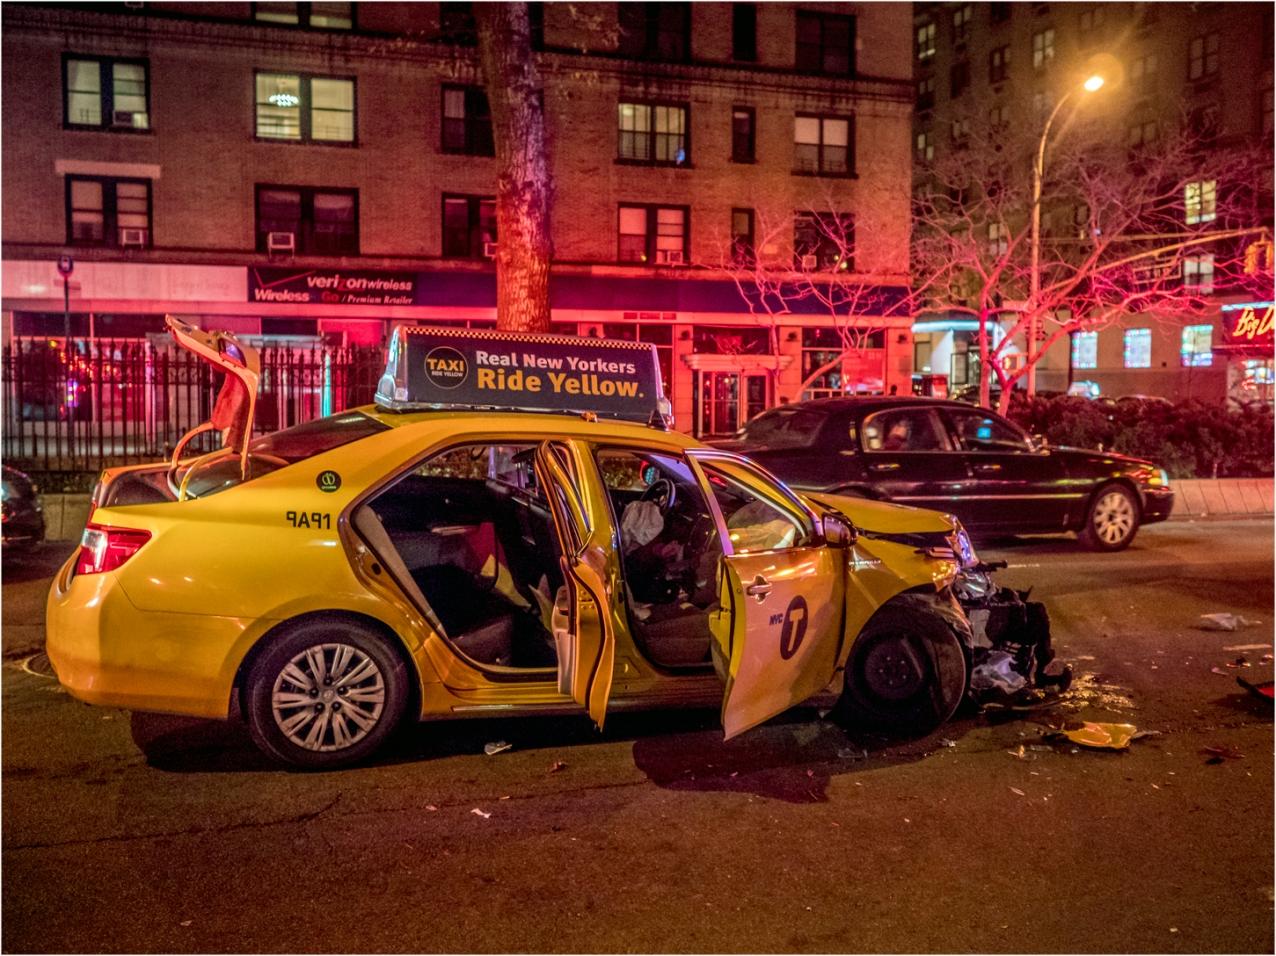 Ride-Yellow-Taxi-crash copy